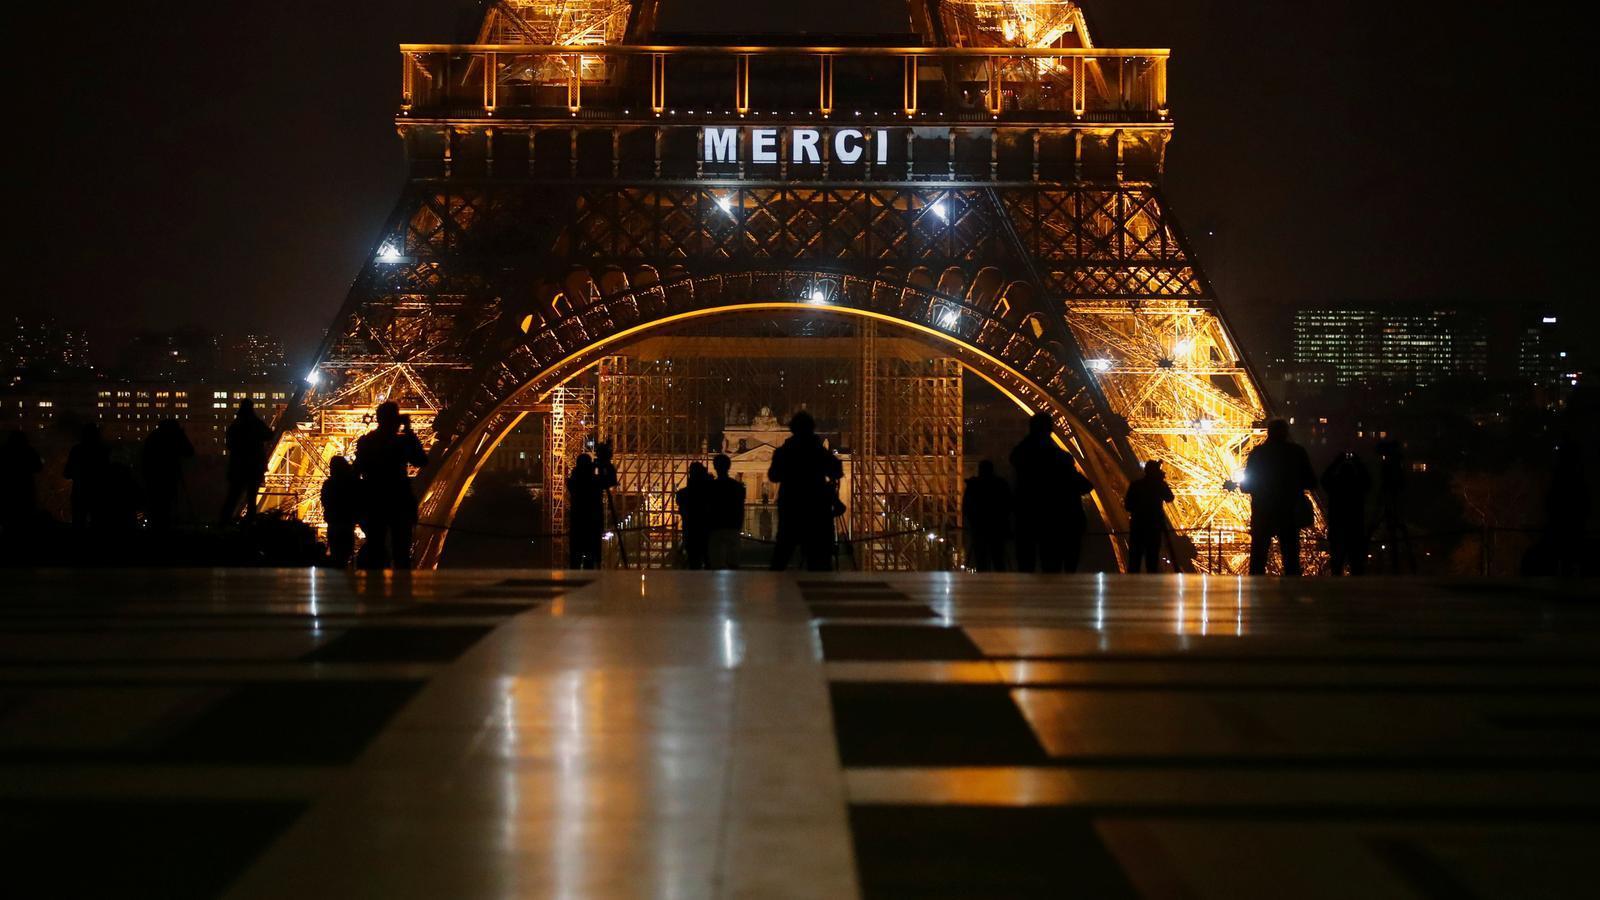 El missatge 'Gràcies' per al personal sanitari lluitant contra el covid-19, a la Torre Eiffel de París.